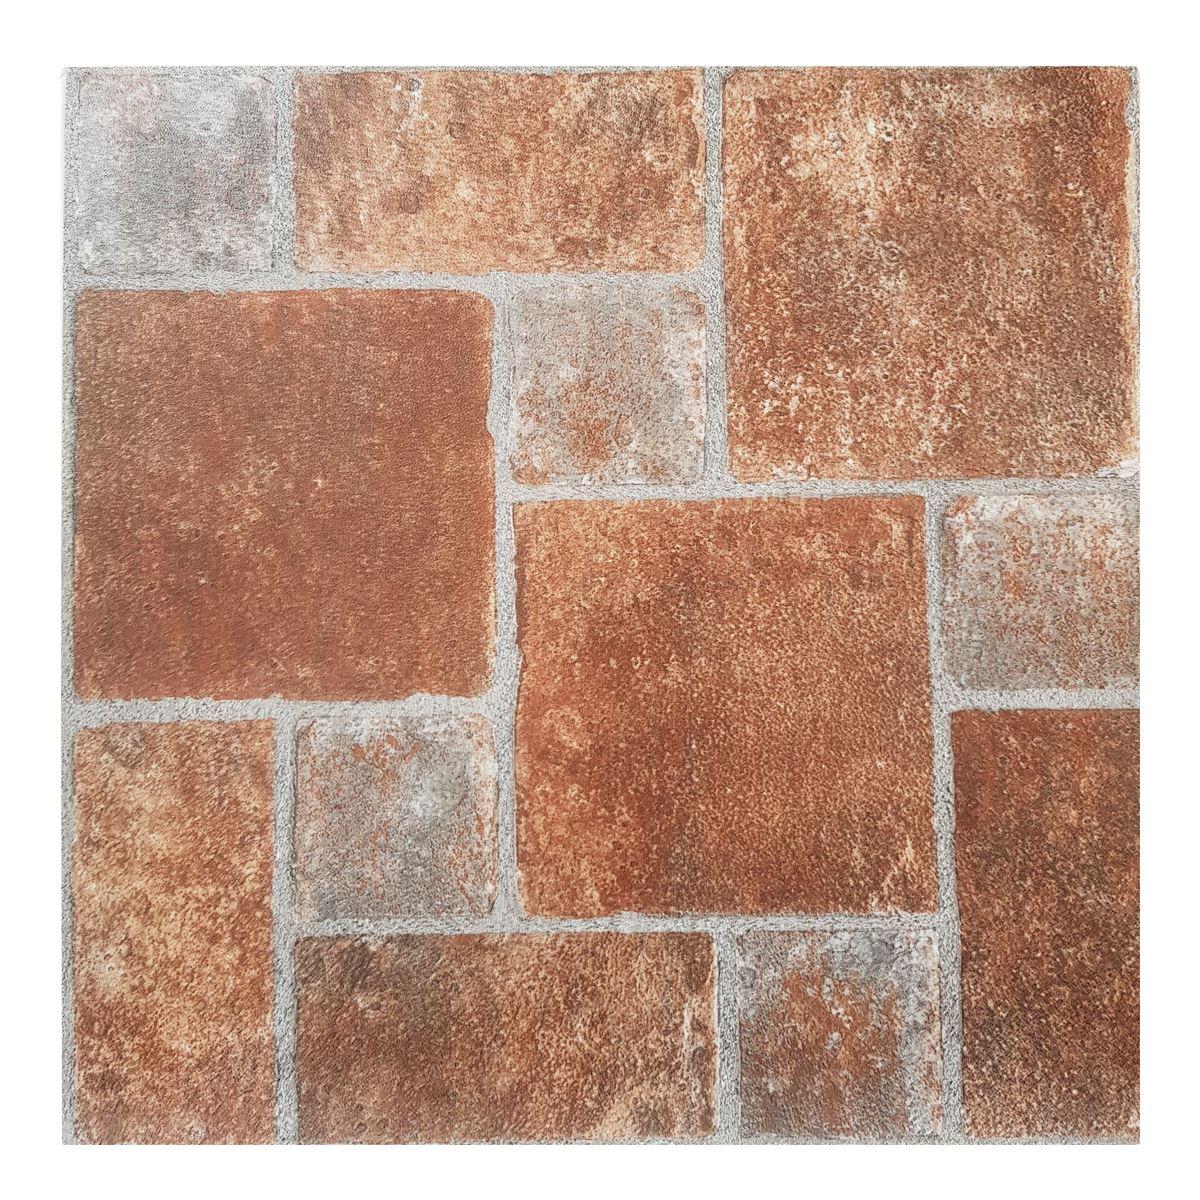 Vinyl floor tiles self adhesive easy to fit flooring DIY ...